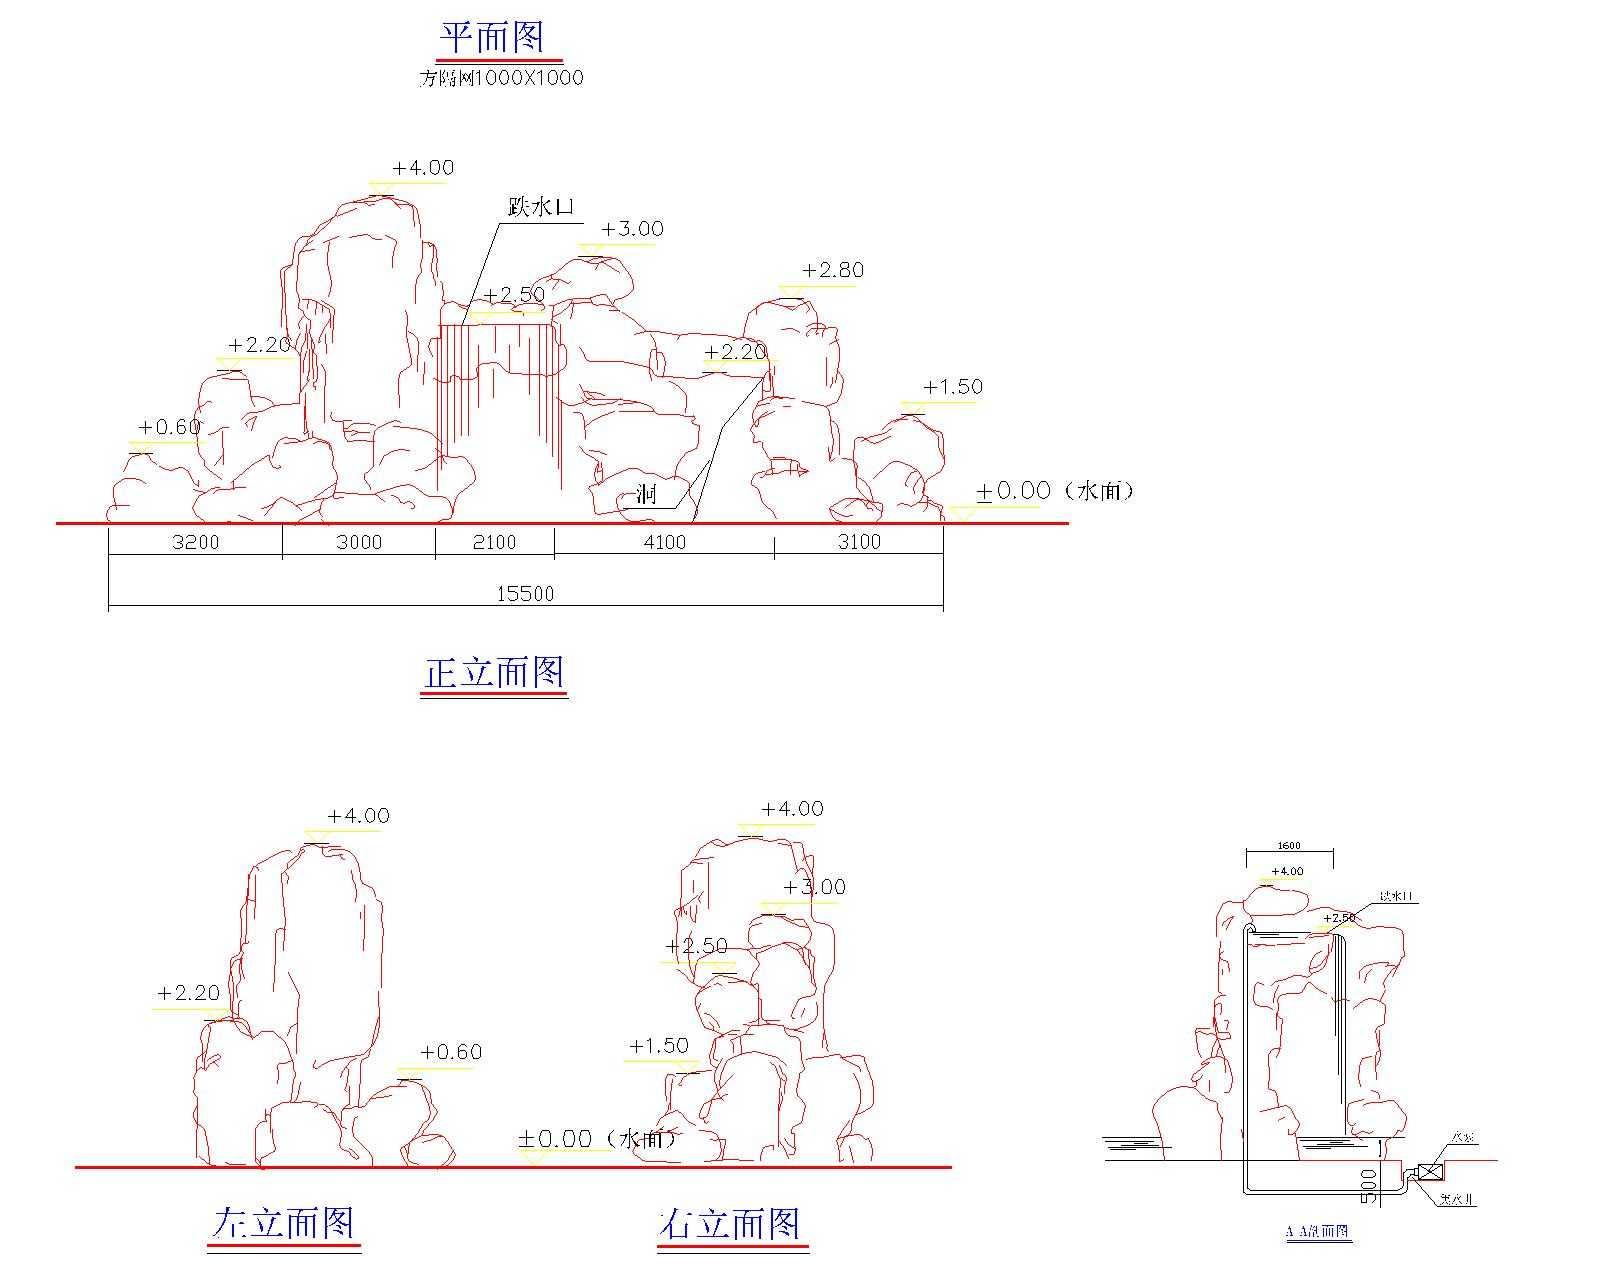 长度CAD设计图免费下载-+设施及配套假山-+土CADv长度小品中怎样线段图片